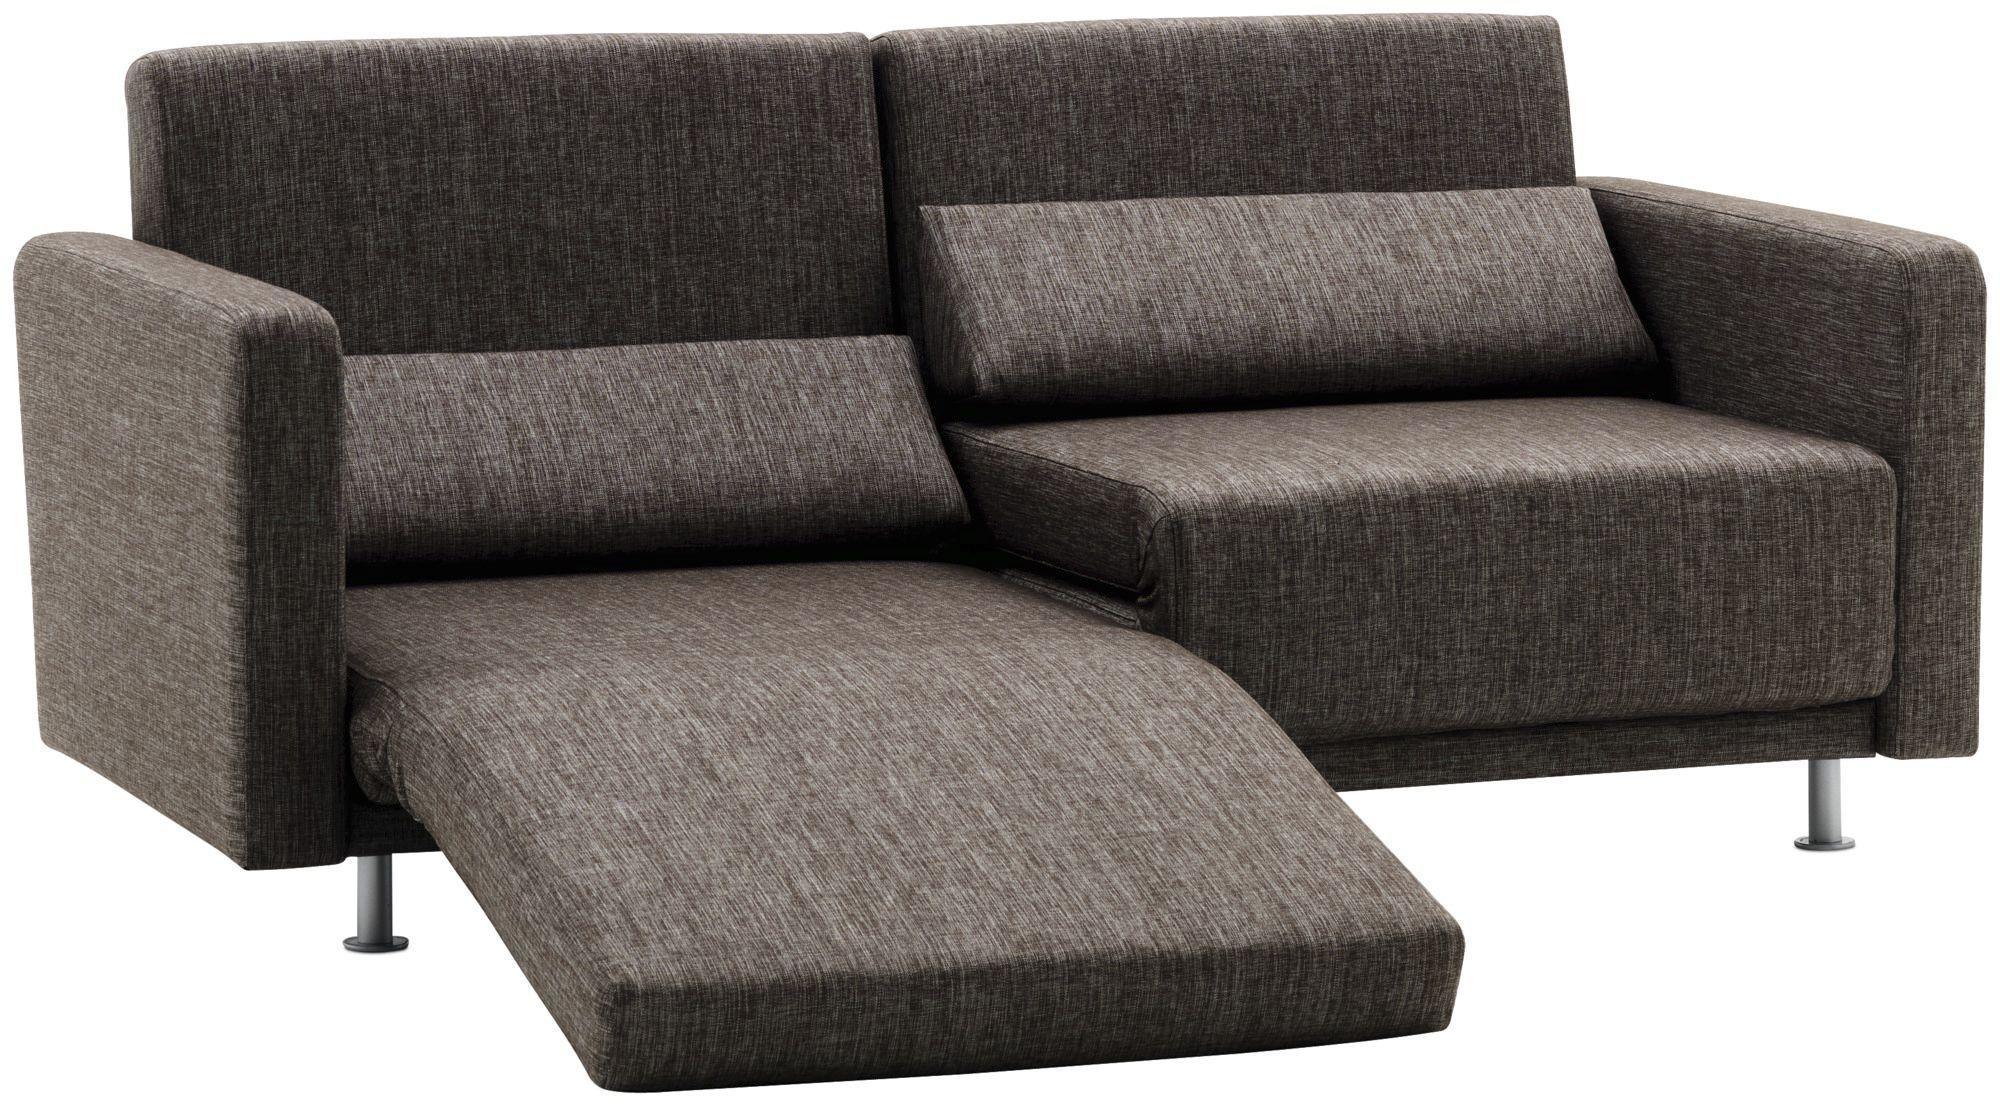 Divano letto / moderno / in tessuto / 2,5 posti - MELO - BoConcept